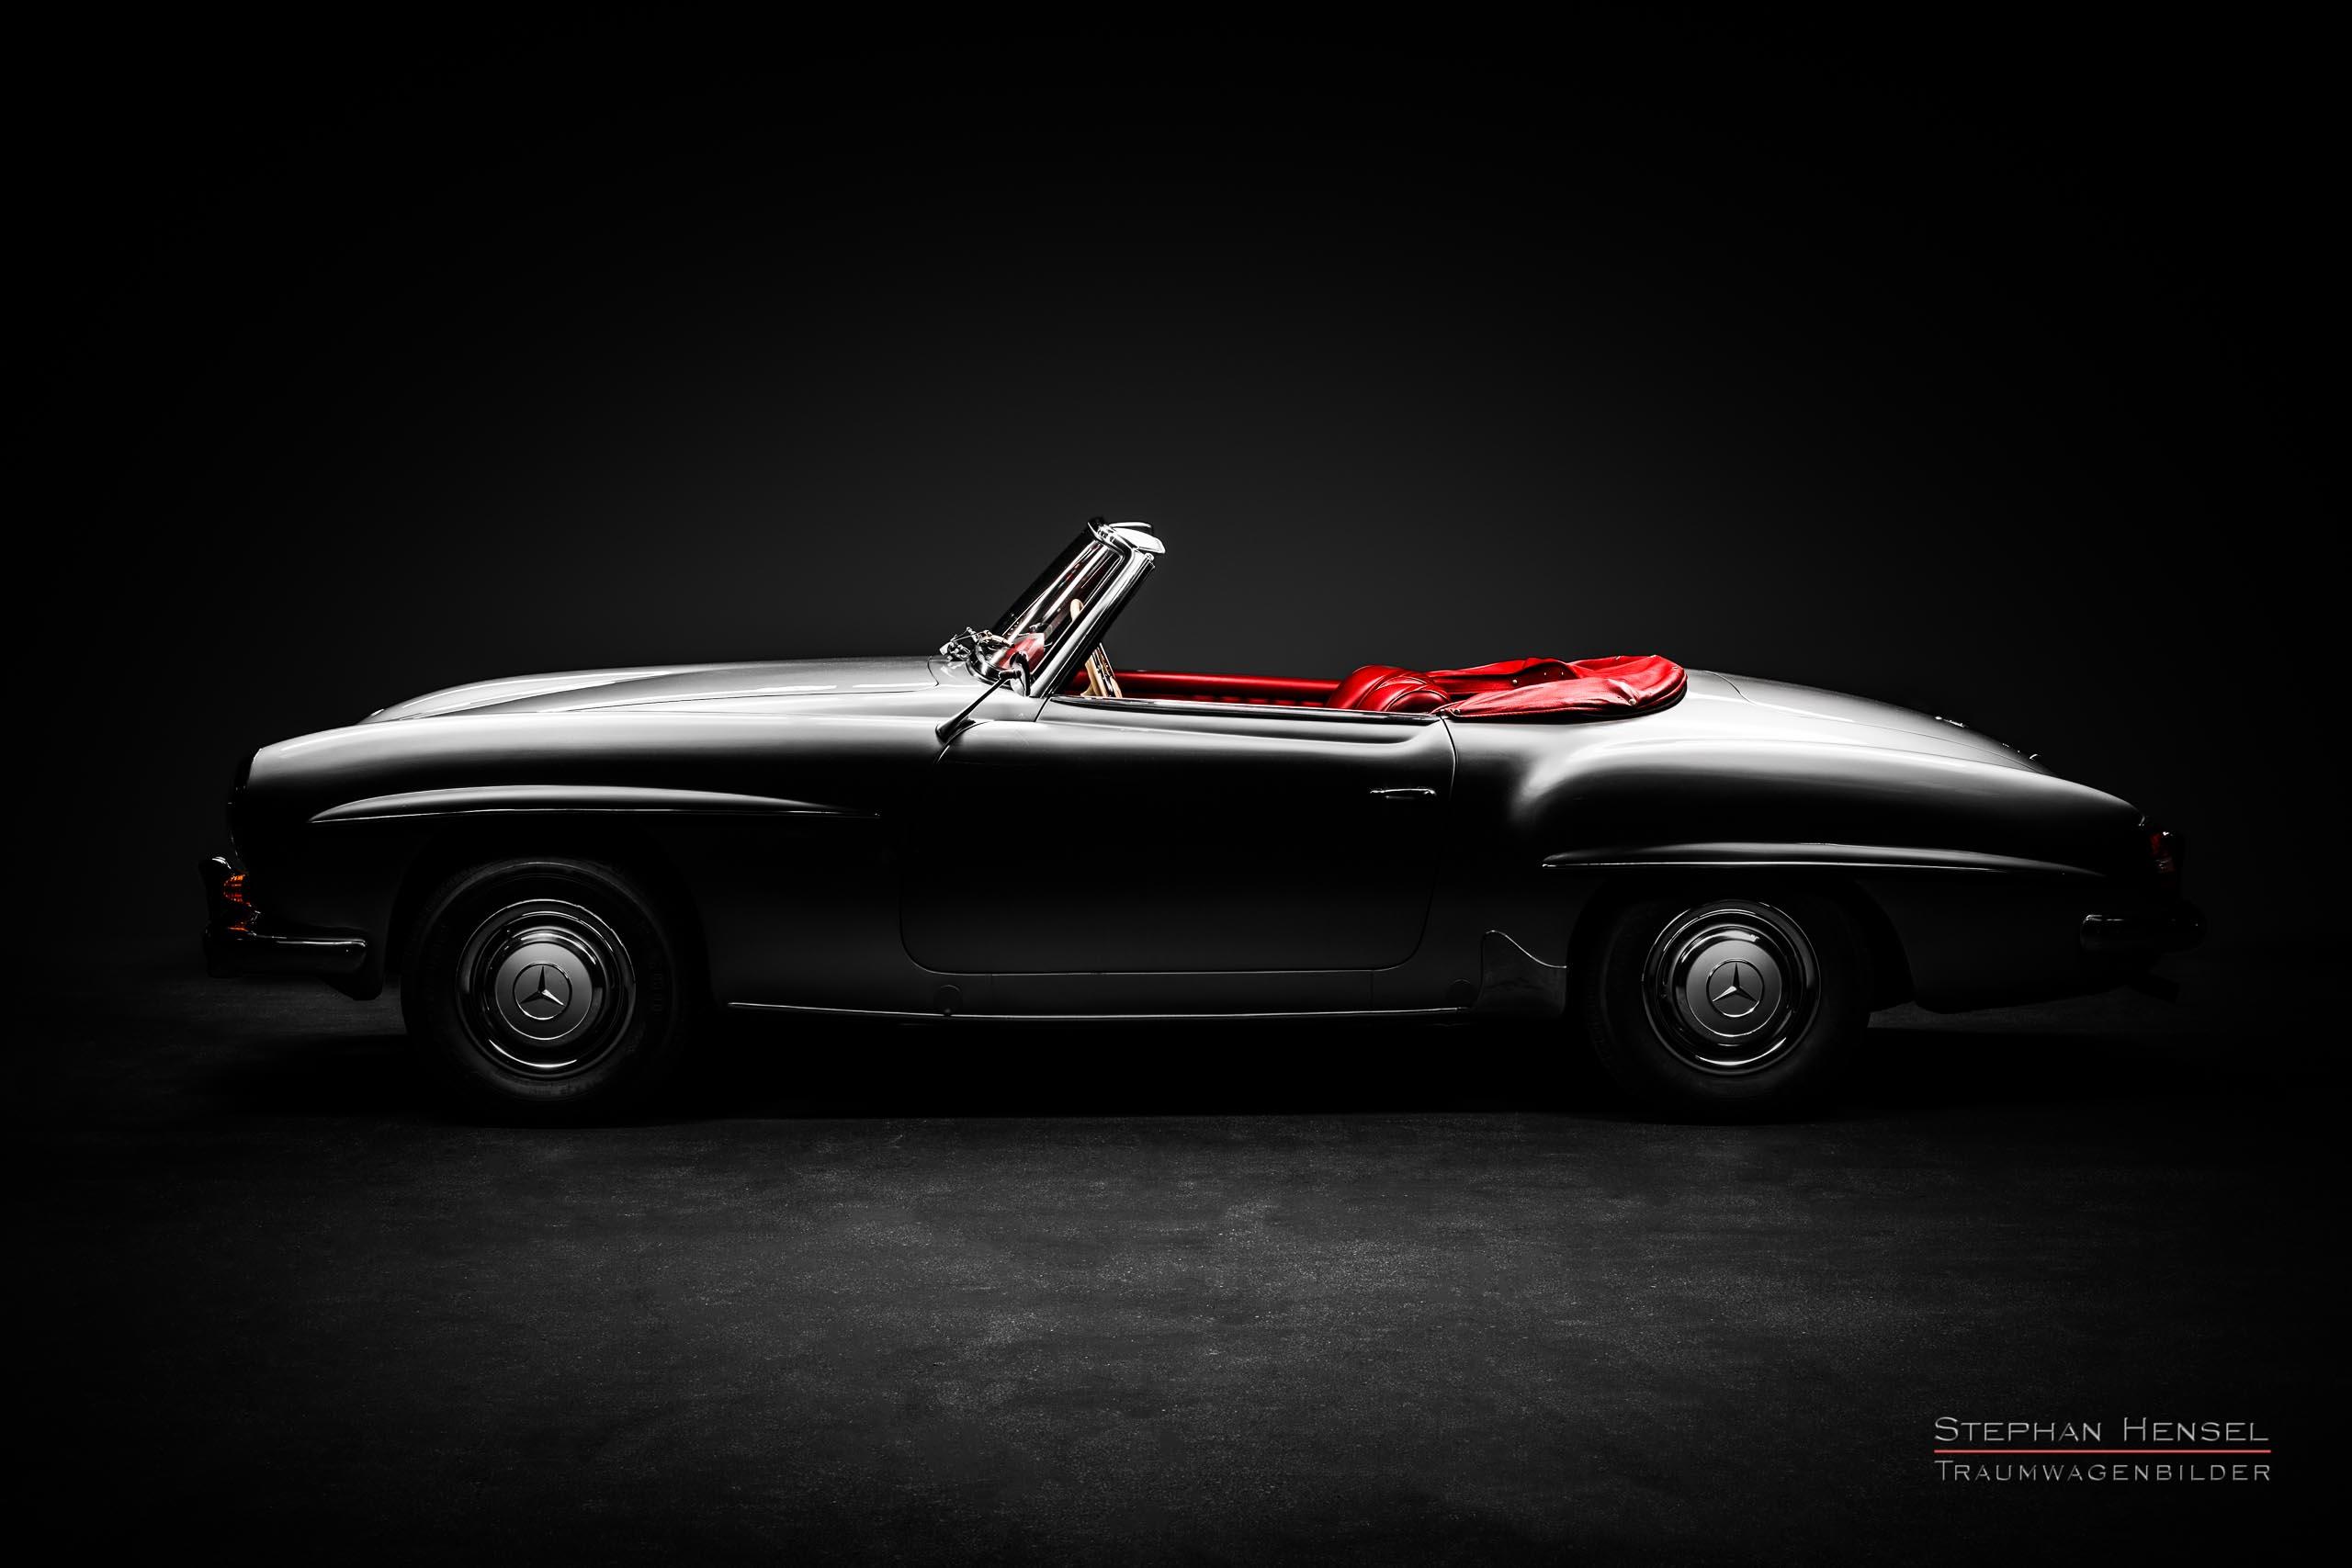 Mercedes-Benz 190 SL, Seitenansicht von links, Autofotograf: Stephan Hensel, Oldtimerfotograf, Hamburg